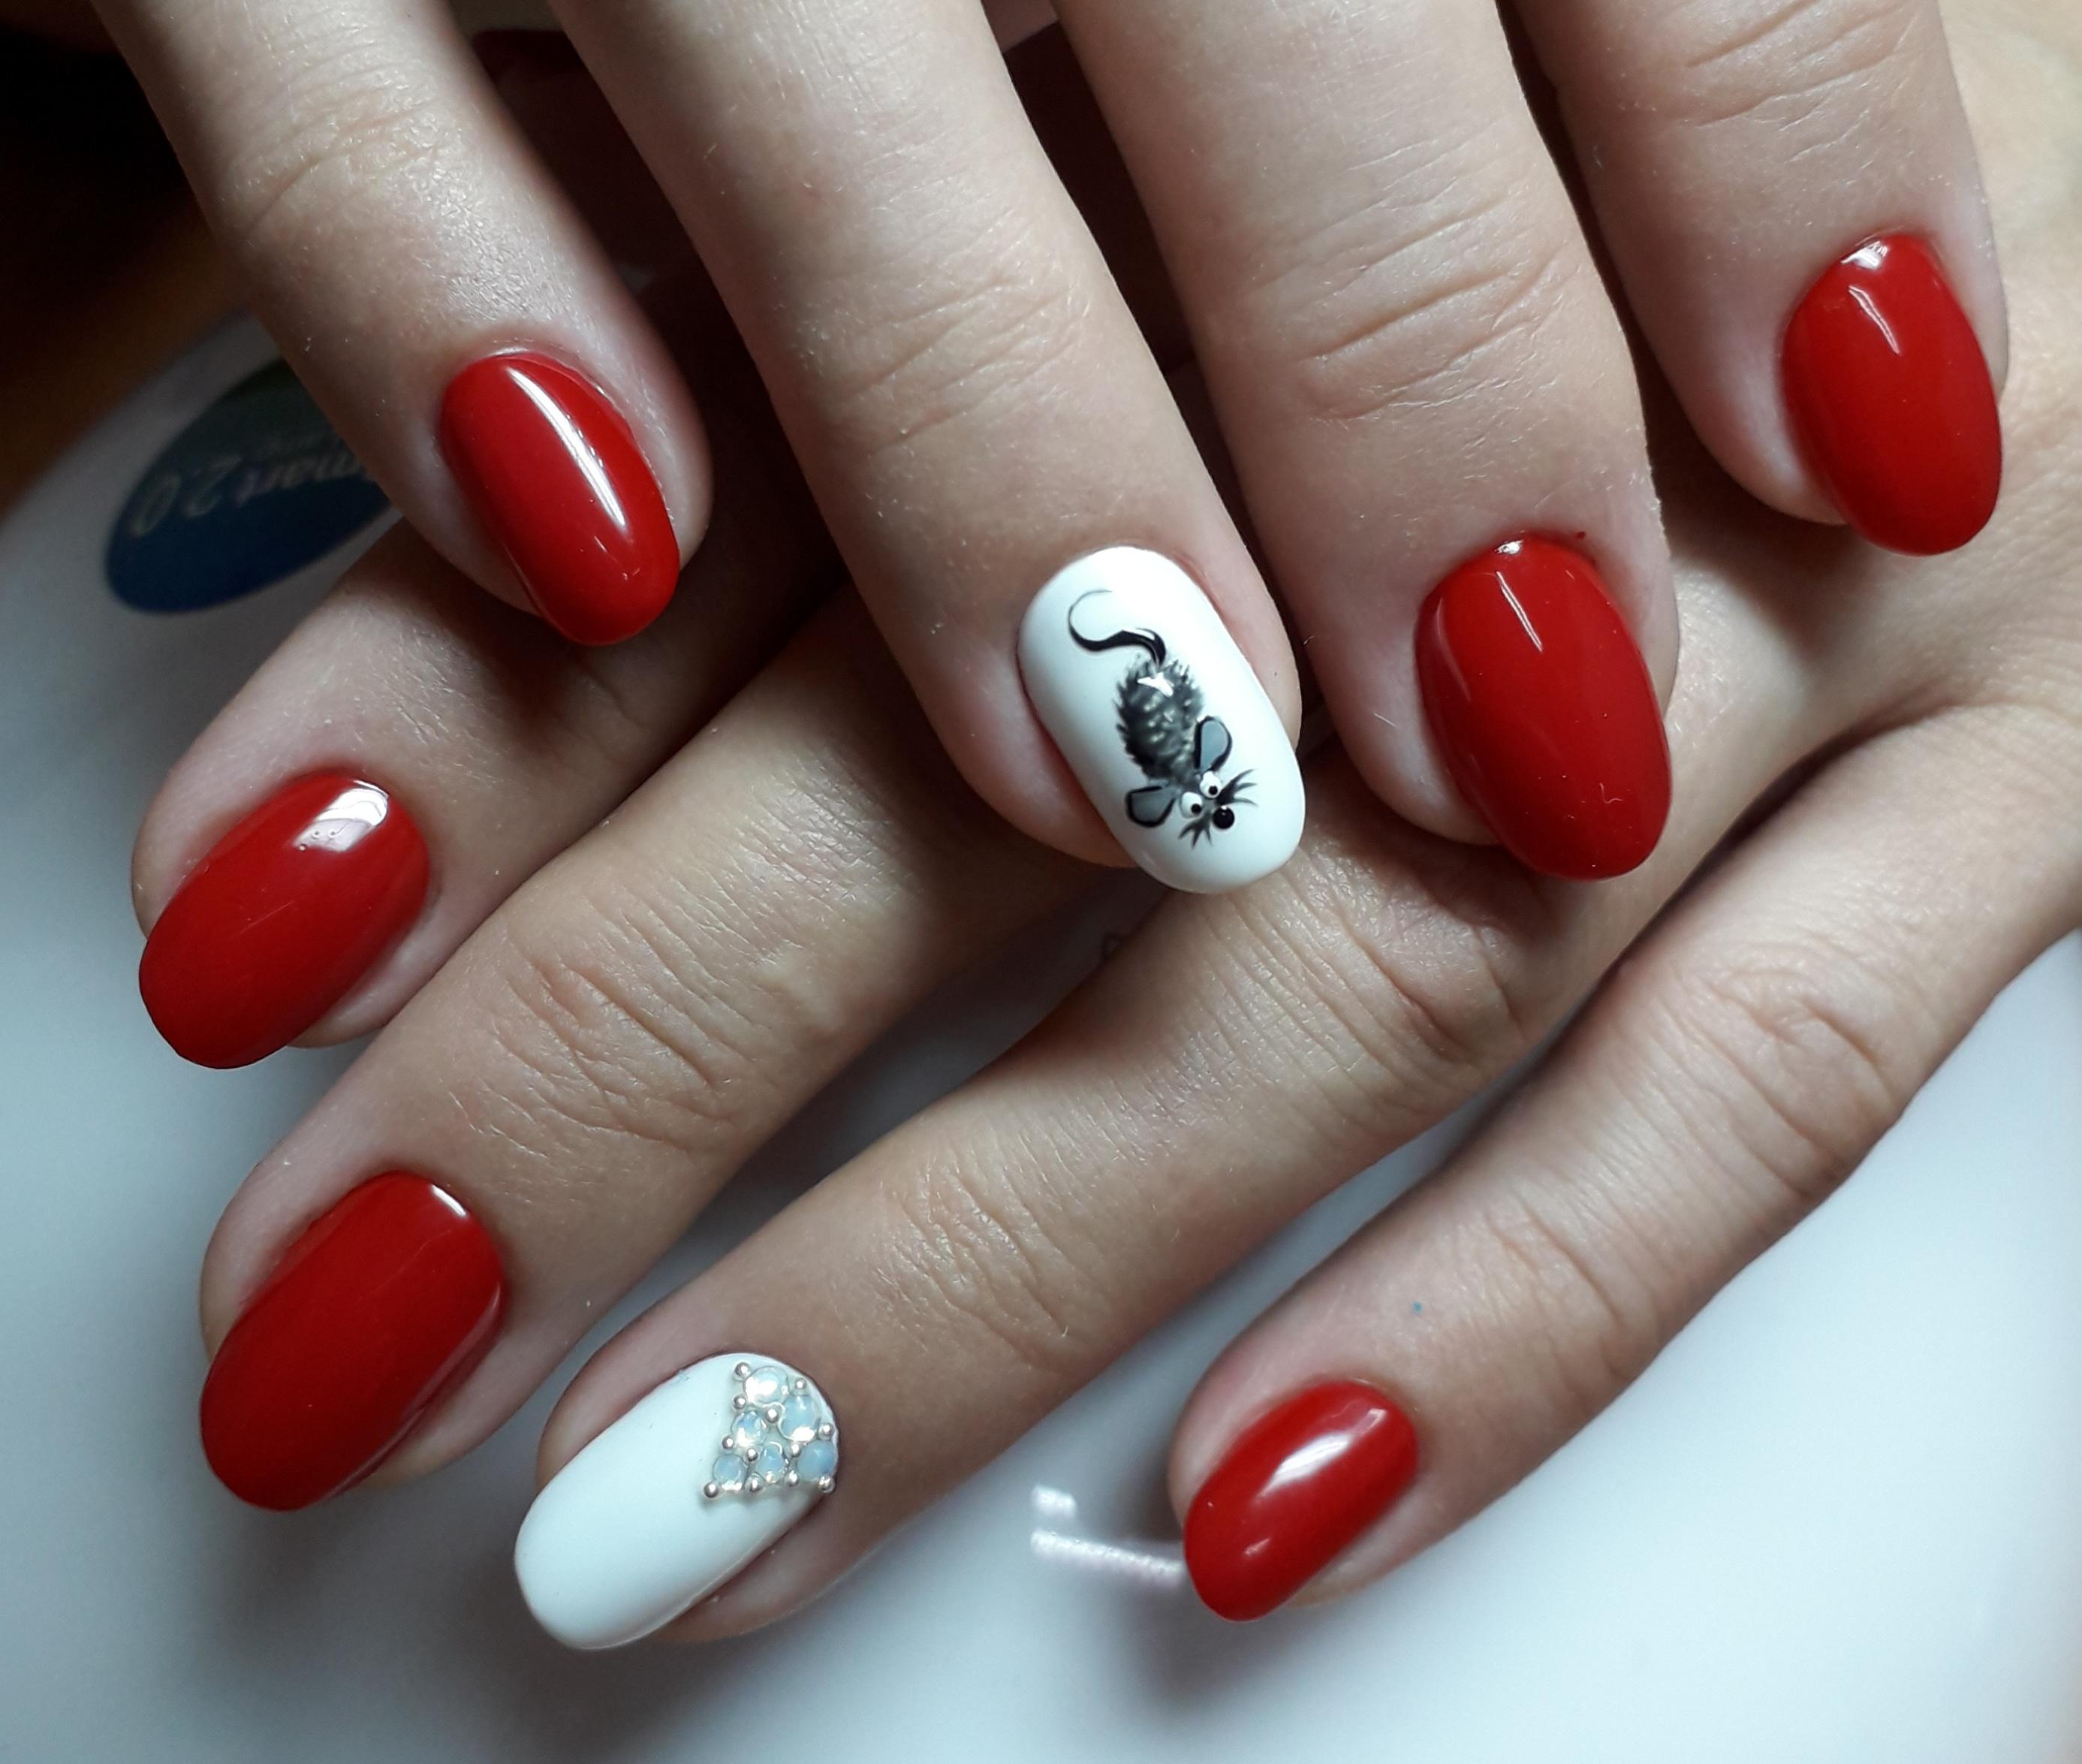 """Маникюр в красном цвете с белым дизайном, рисунком """"мышка"""" и стразами."""